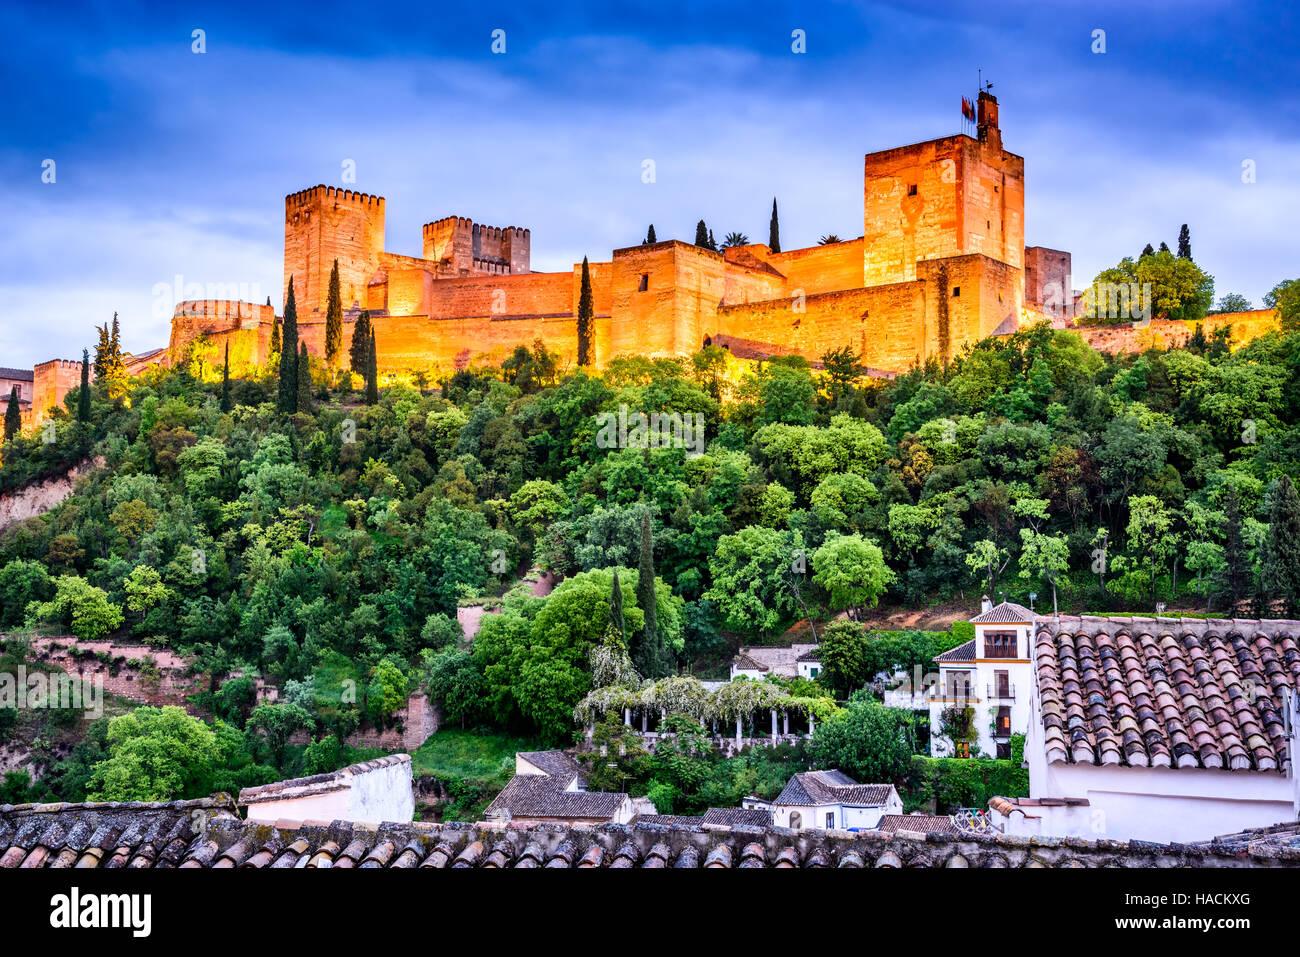 Granada, España. Vista nocturna de la famosa Alhambra con la Alcazaba, el recorrido europeo hito en Andalucía. Imagen De Stock